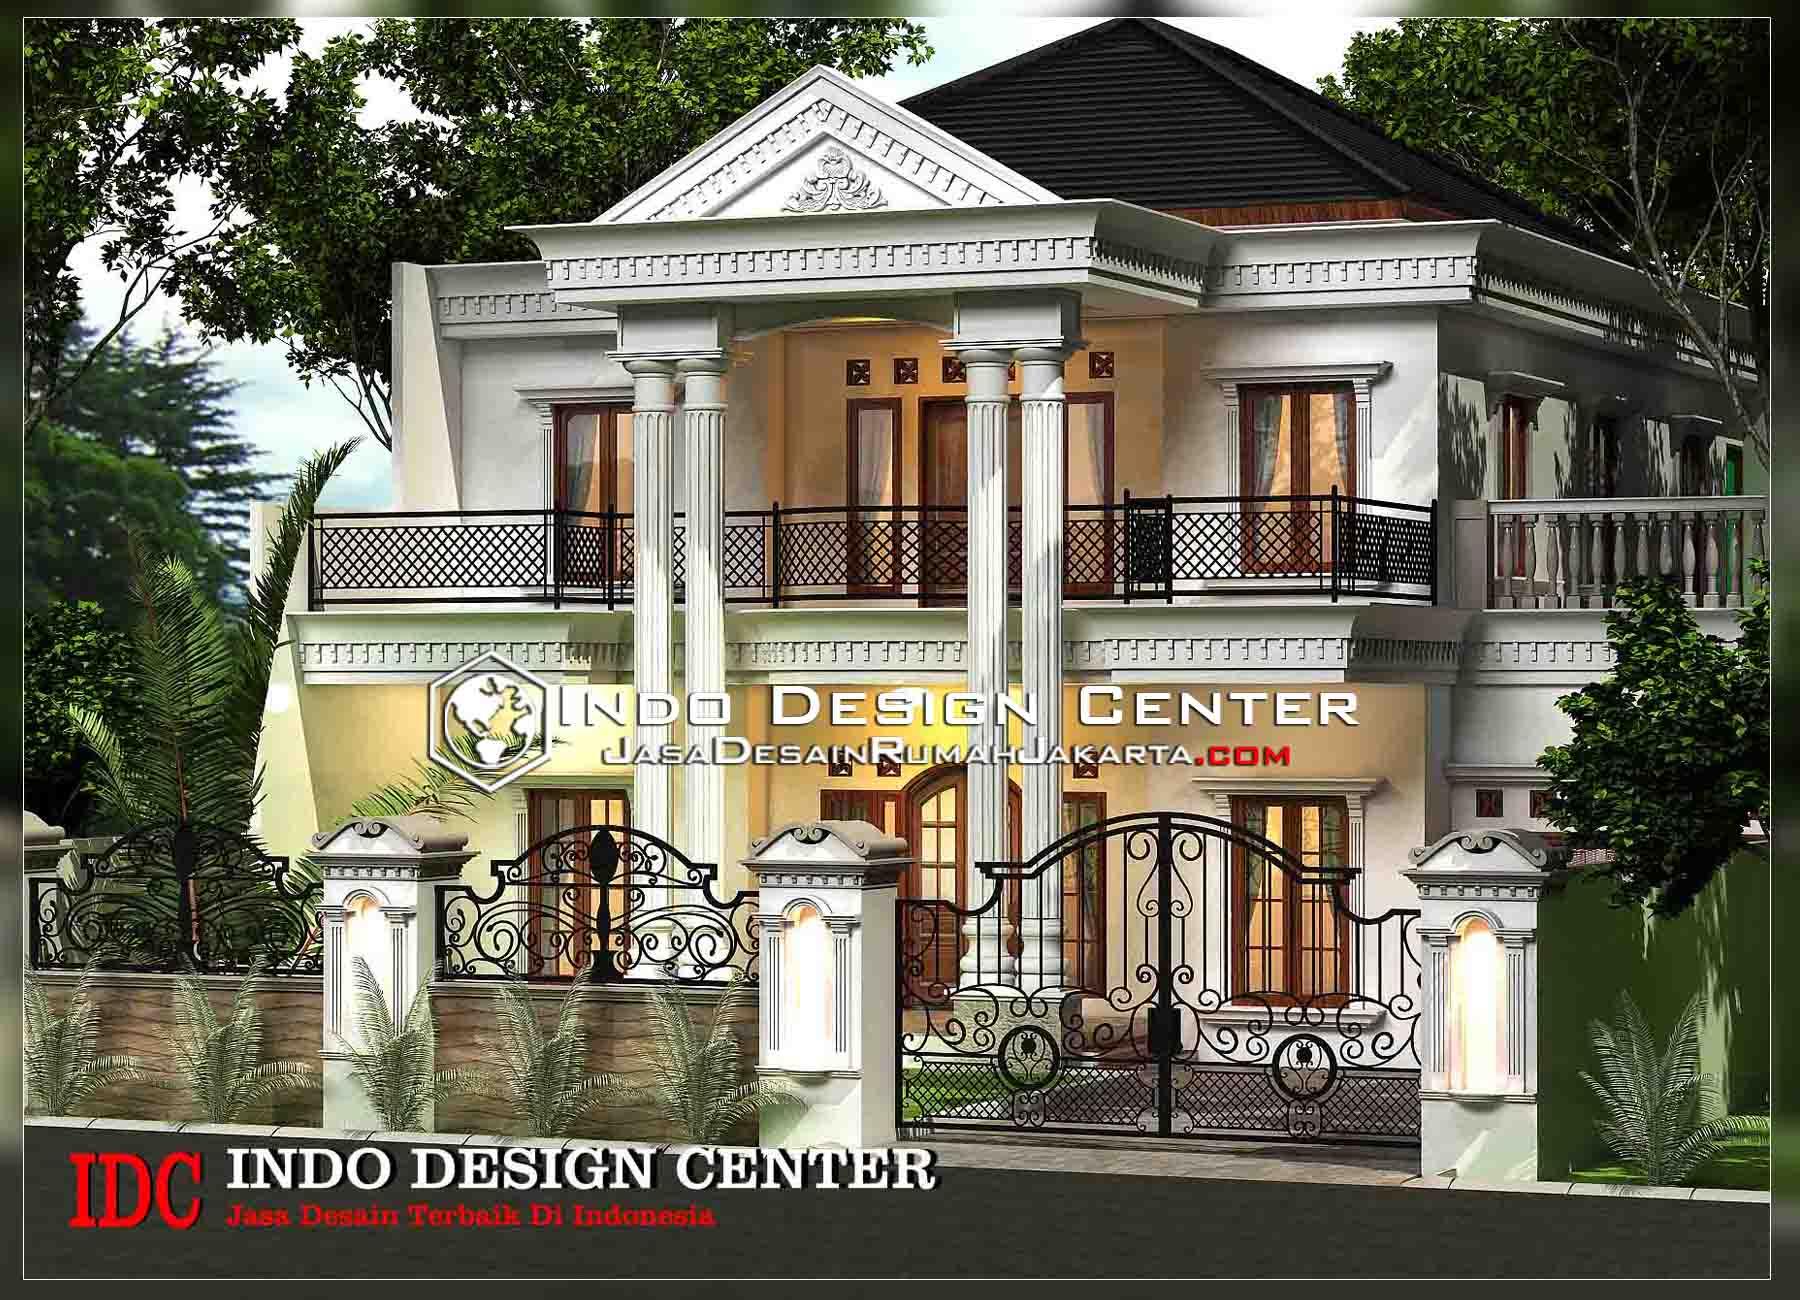 Desain Rumah Klasik Mediterania 2 Lantai Arsip - Jasa Gambar Rumah / Jasa Desain Rumah / Jasa Renovasi Rumah / Jasa Bangun Rumah /Jasa Arsitek Rumah / Di Jakarta - Di Bekasi